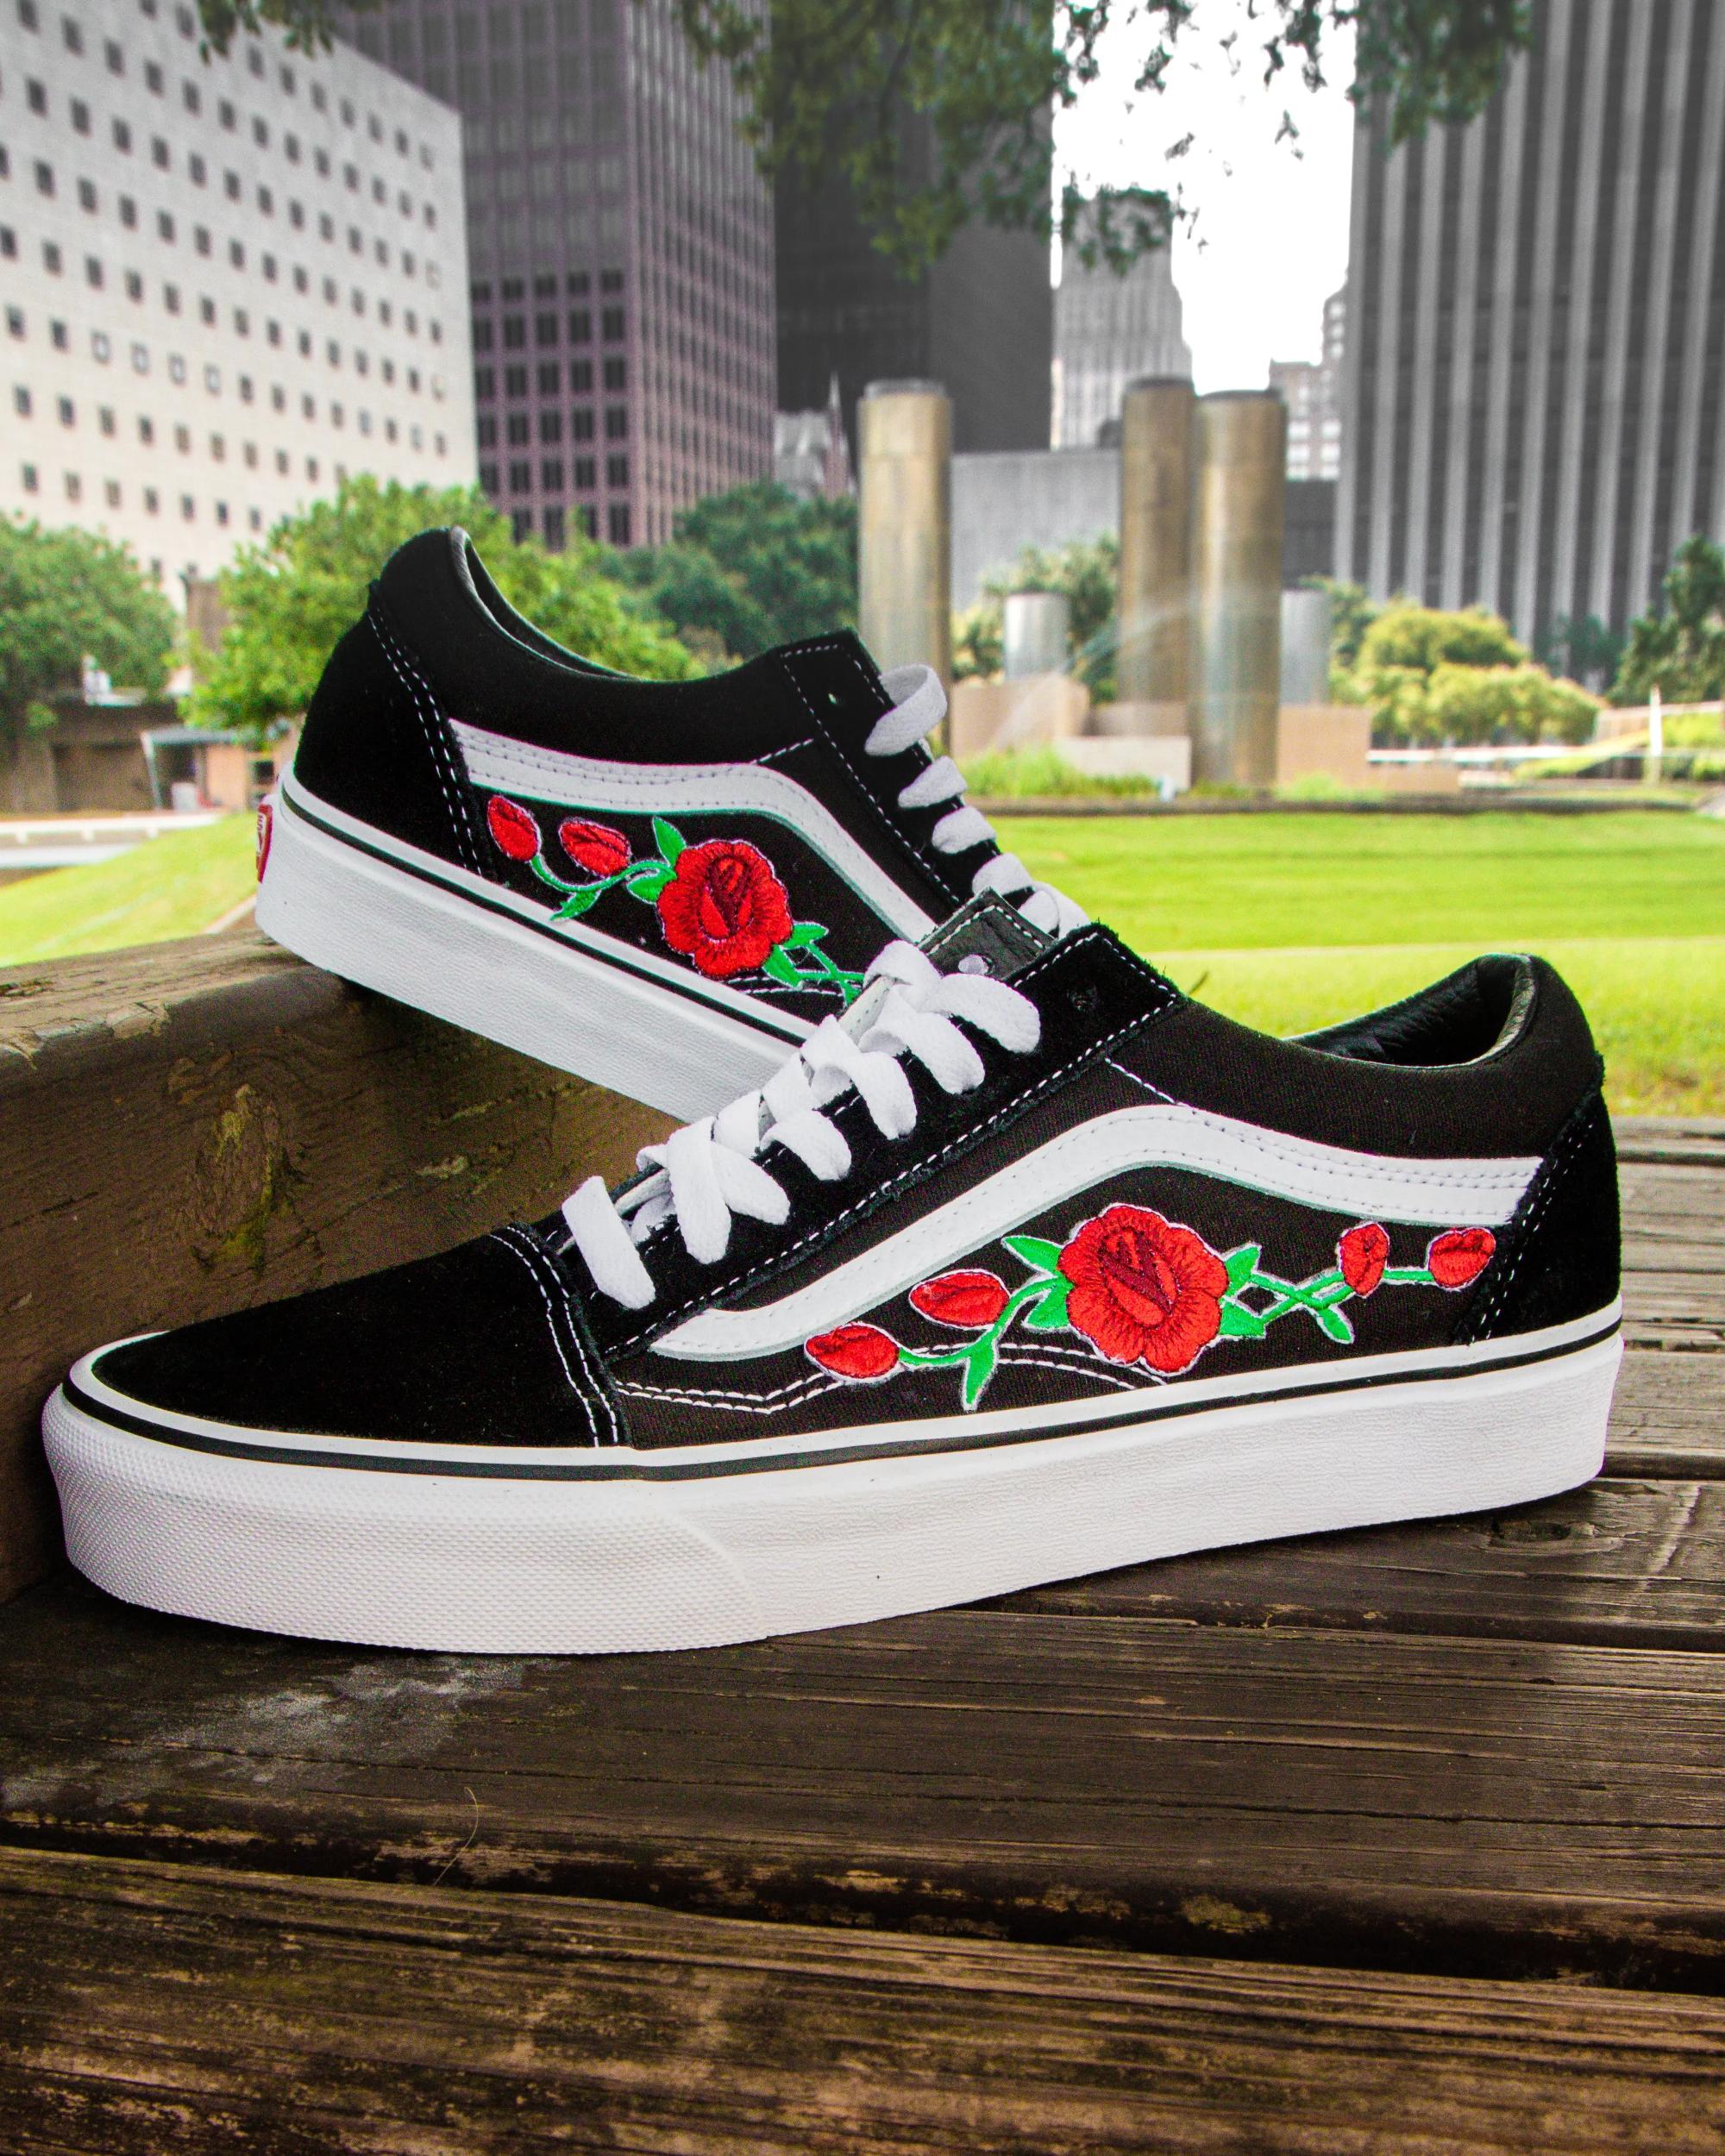 Vans Black Old Skool Red Rose Custom